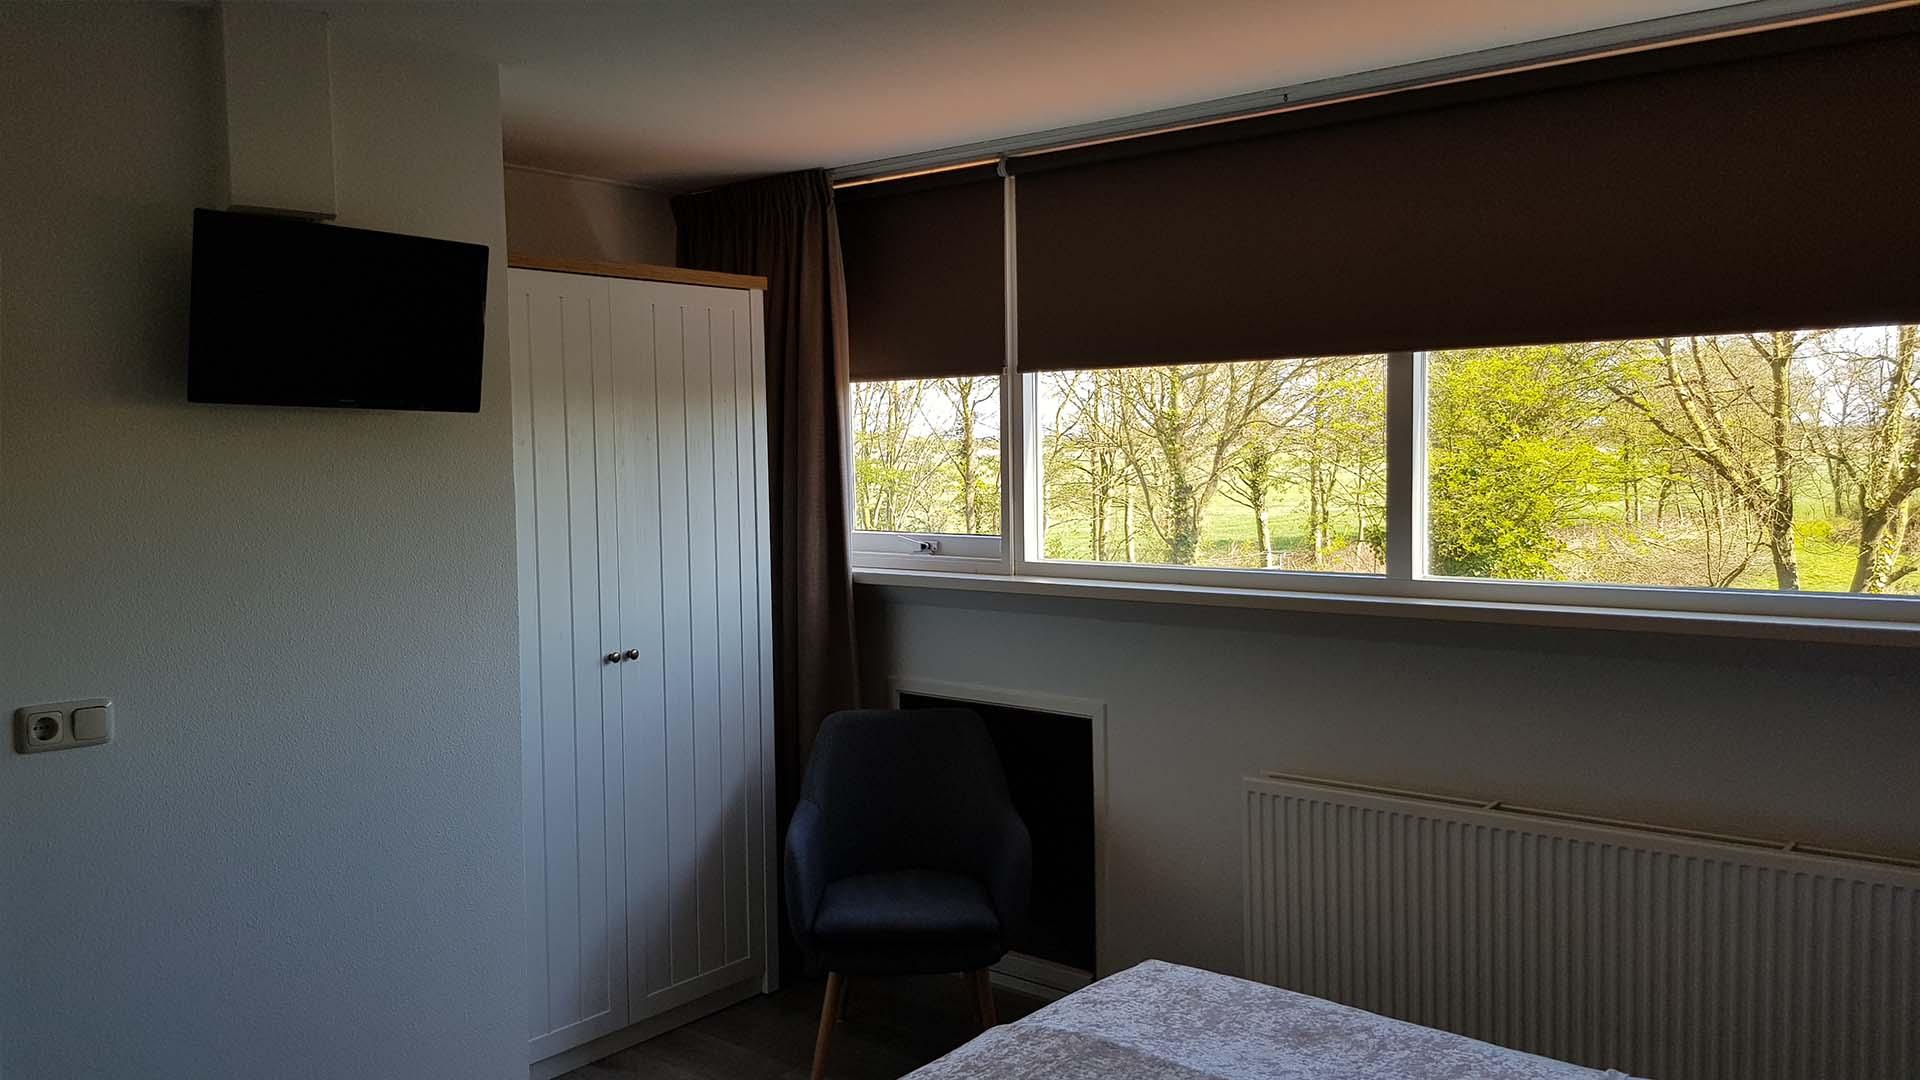 kamer 4 televisie B&B Plompetorenzicht Schouwen-Duiveland Zeeland